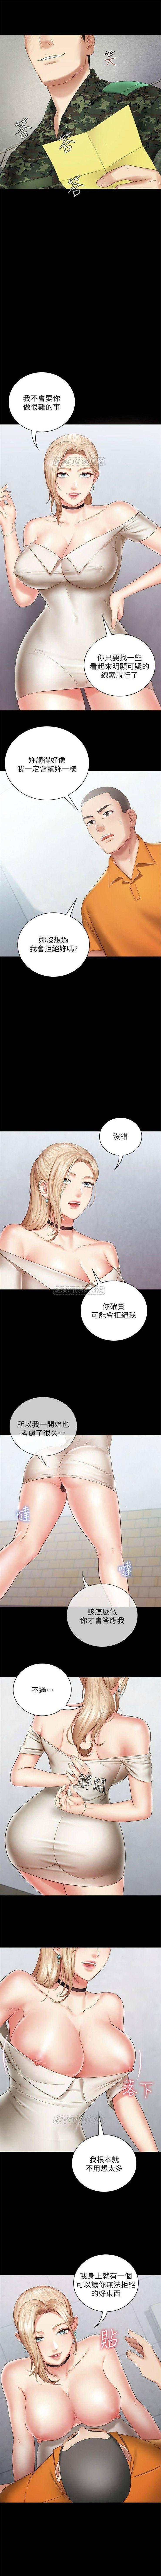 妹妹的義務 1-38 官方中文(連載中) 140